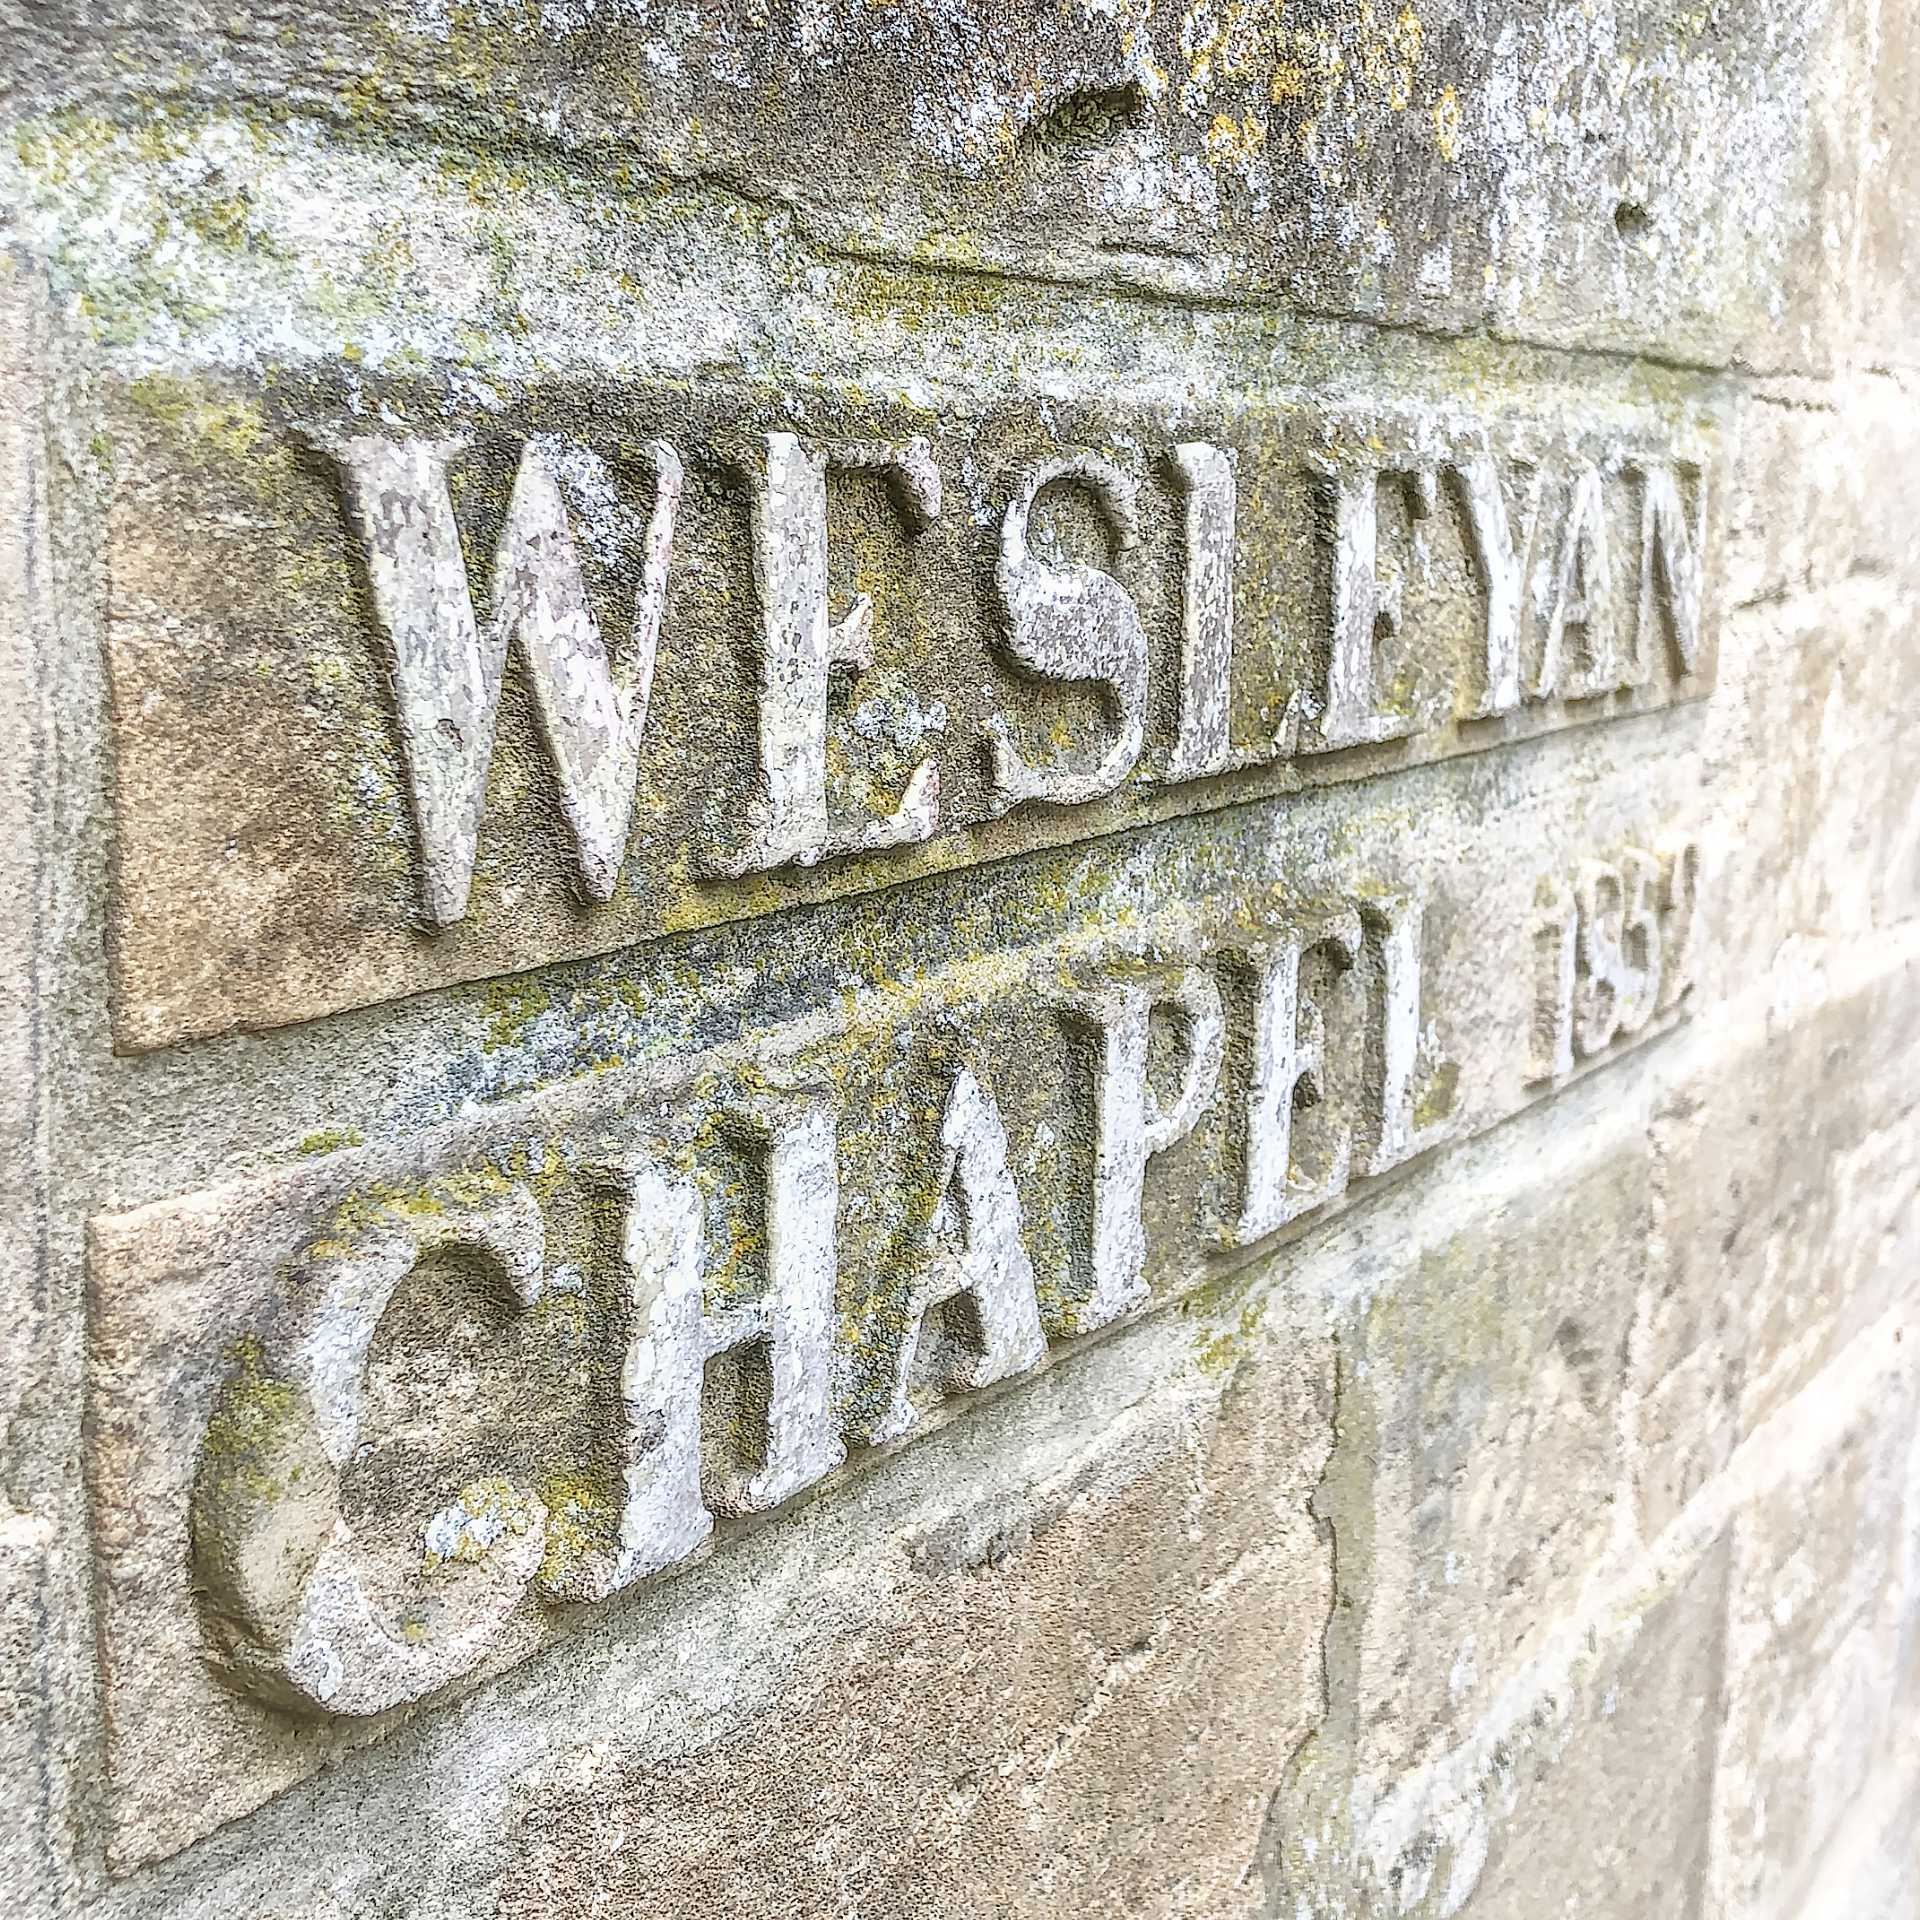 Nether Westcote Methodist Chapel